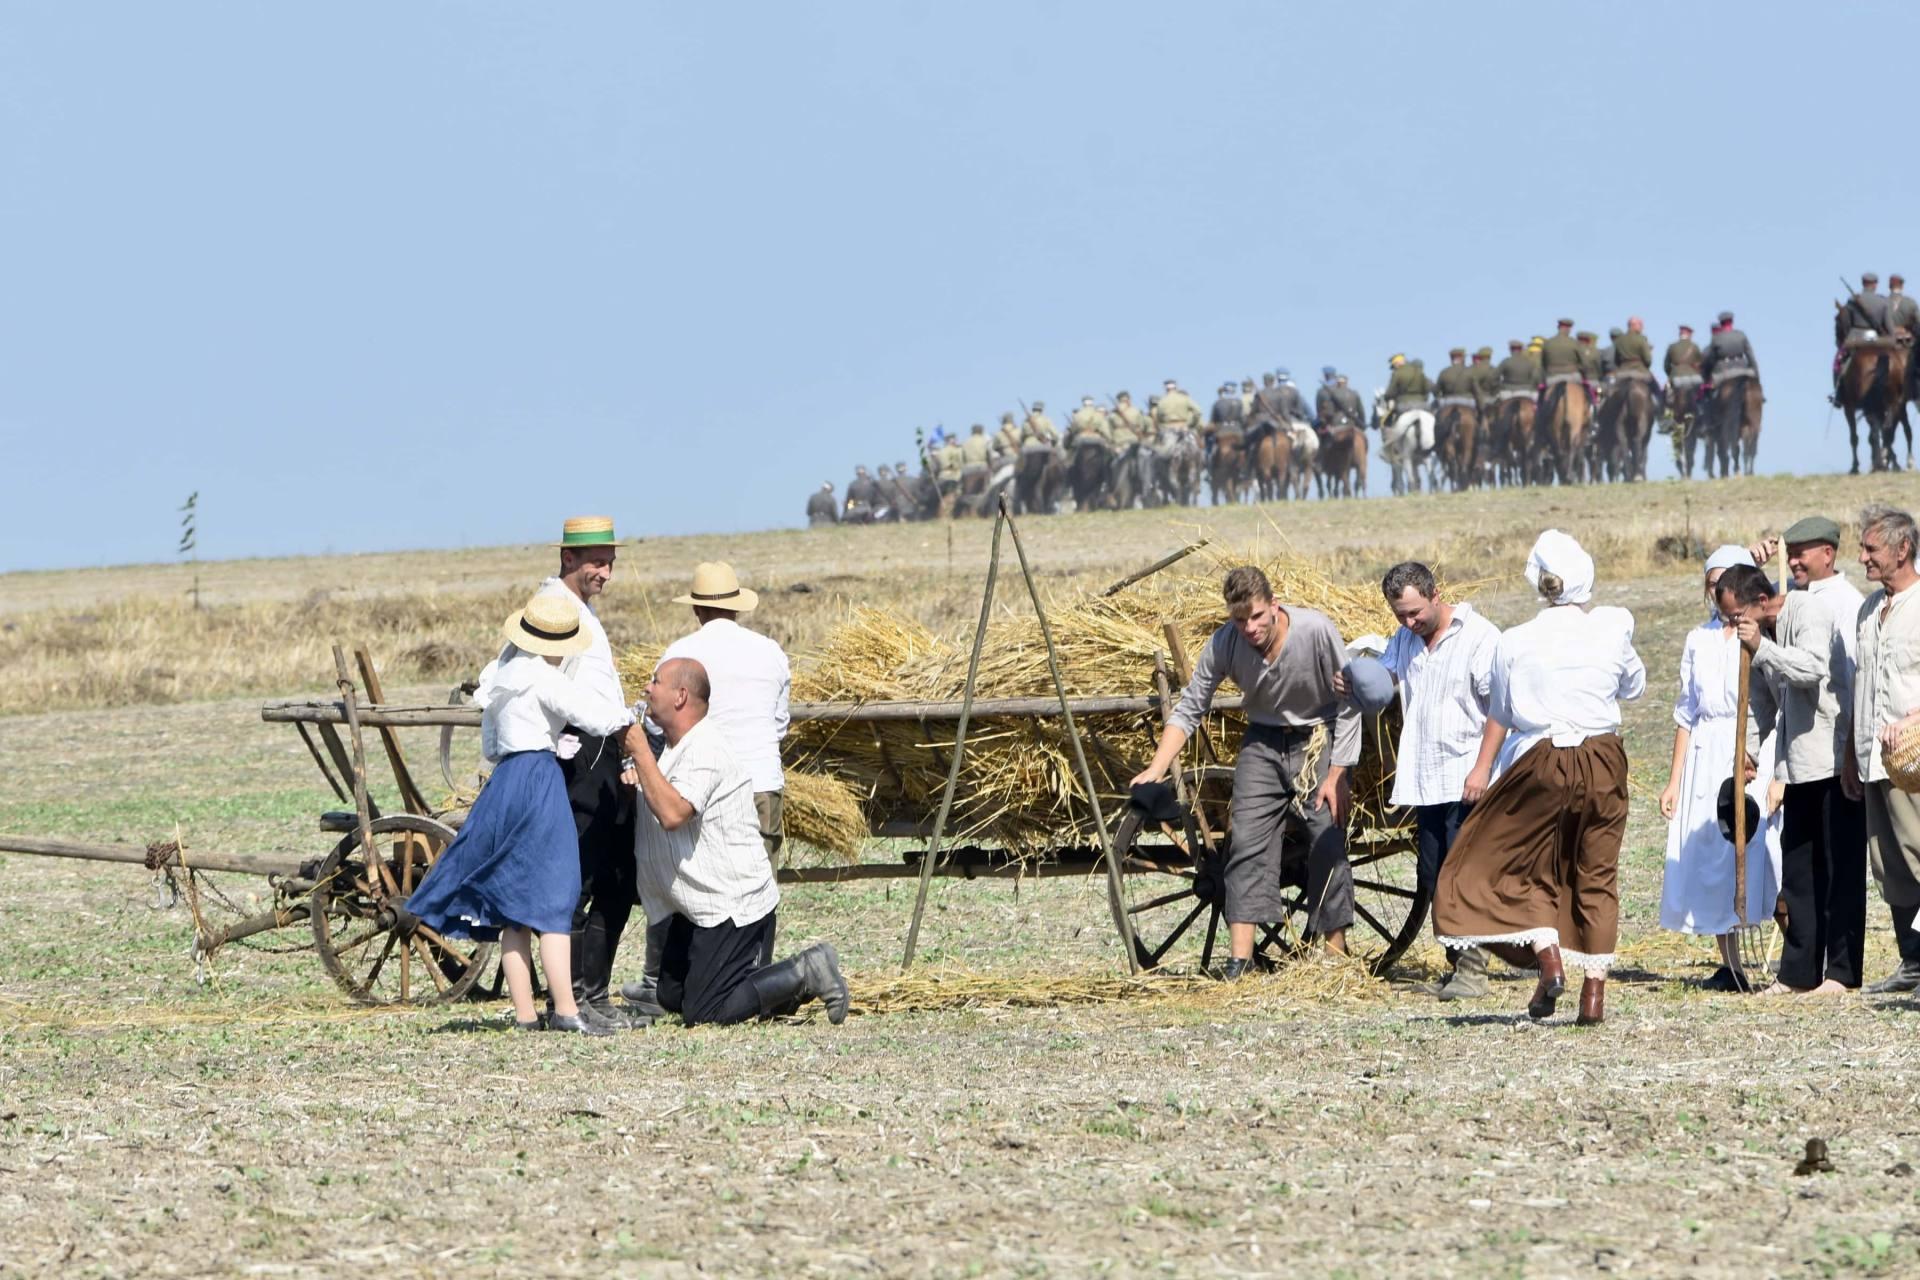 dsc 0816 Czas szabli - 100 rocznica bitwy pod Komarowem(zdjęcia)